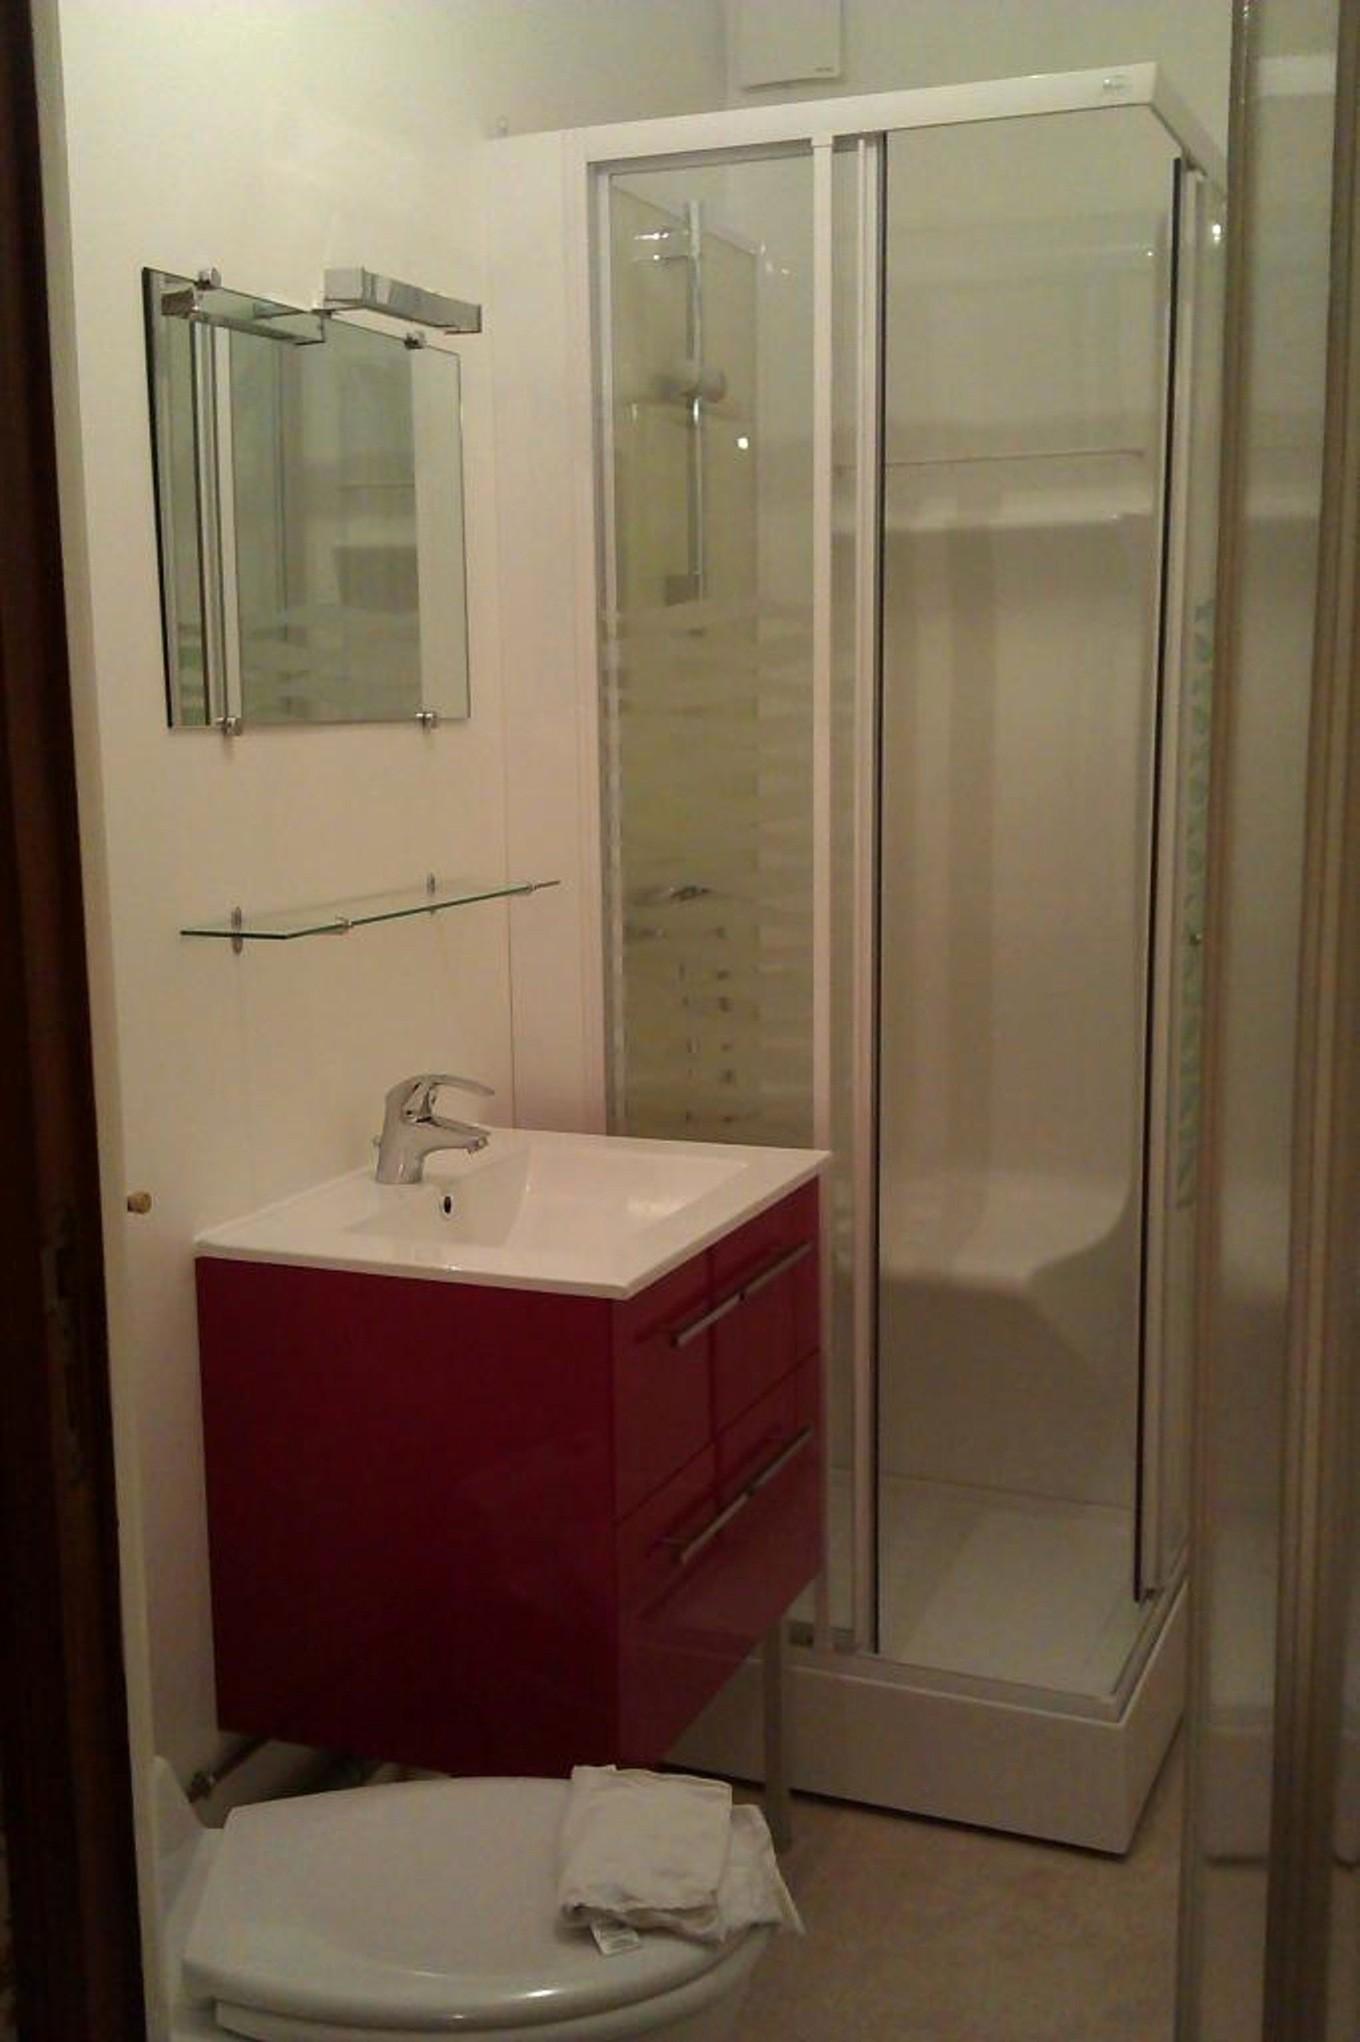 salle d eau design petite avec nouveau renovation 20 dans id es de coration idees et c3 a9es a9coration bains at r novation bain chauny